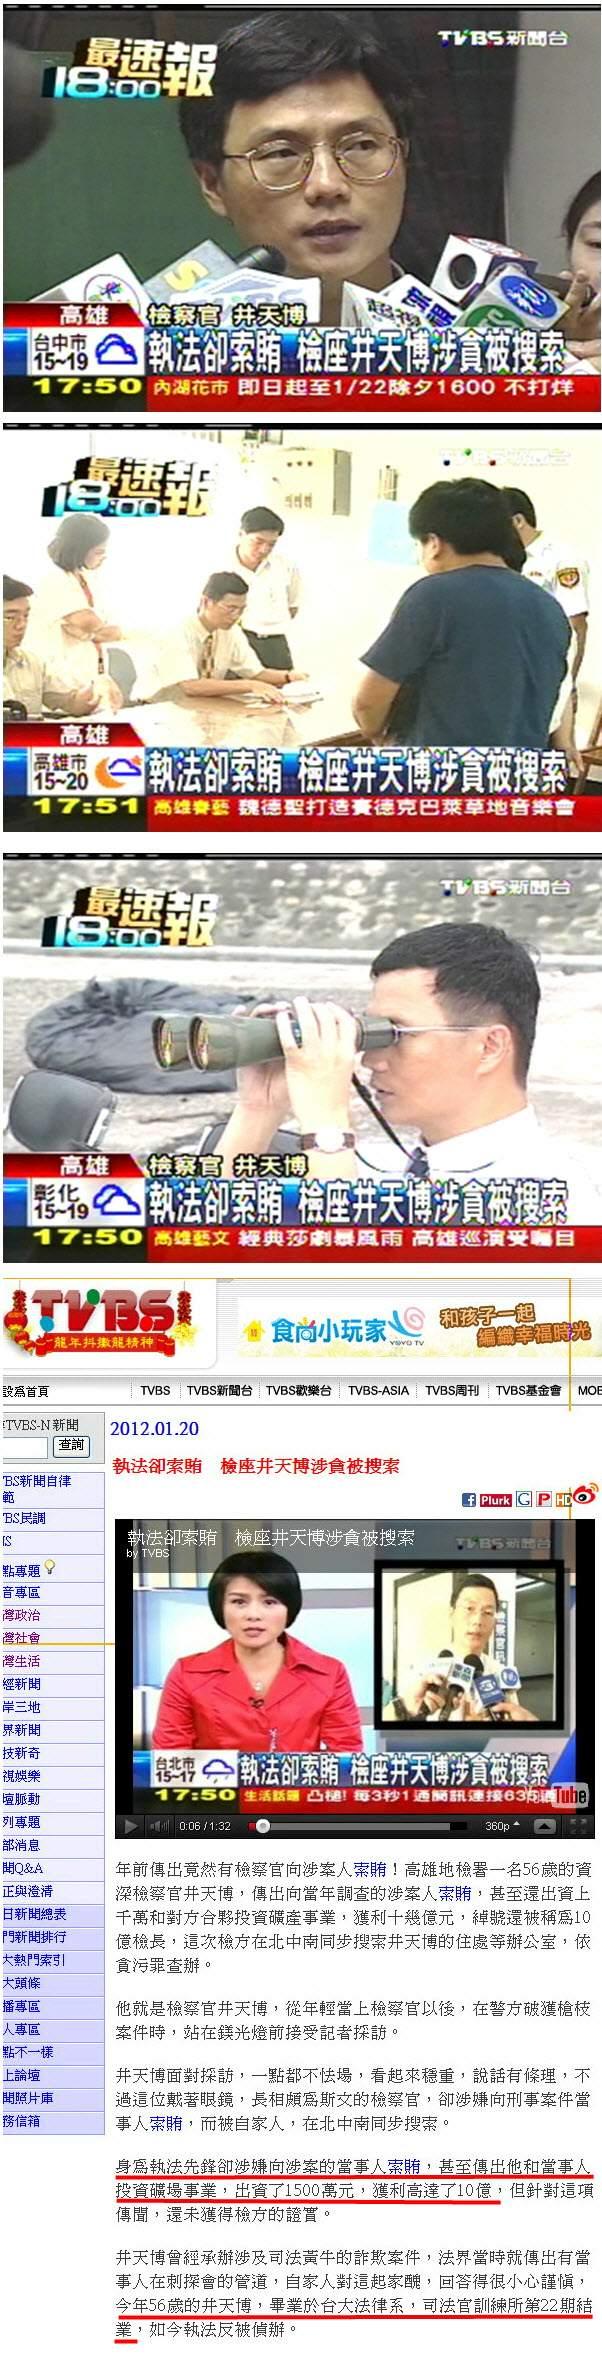 執法卻索賄 檢座井天博涉貪被搜索-2012.01.20-01.jpg